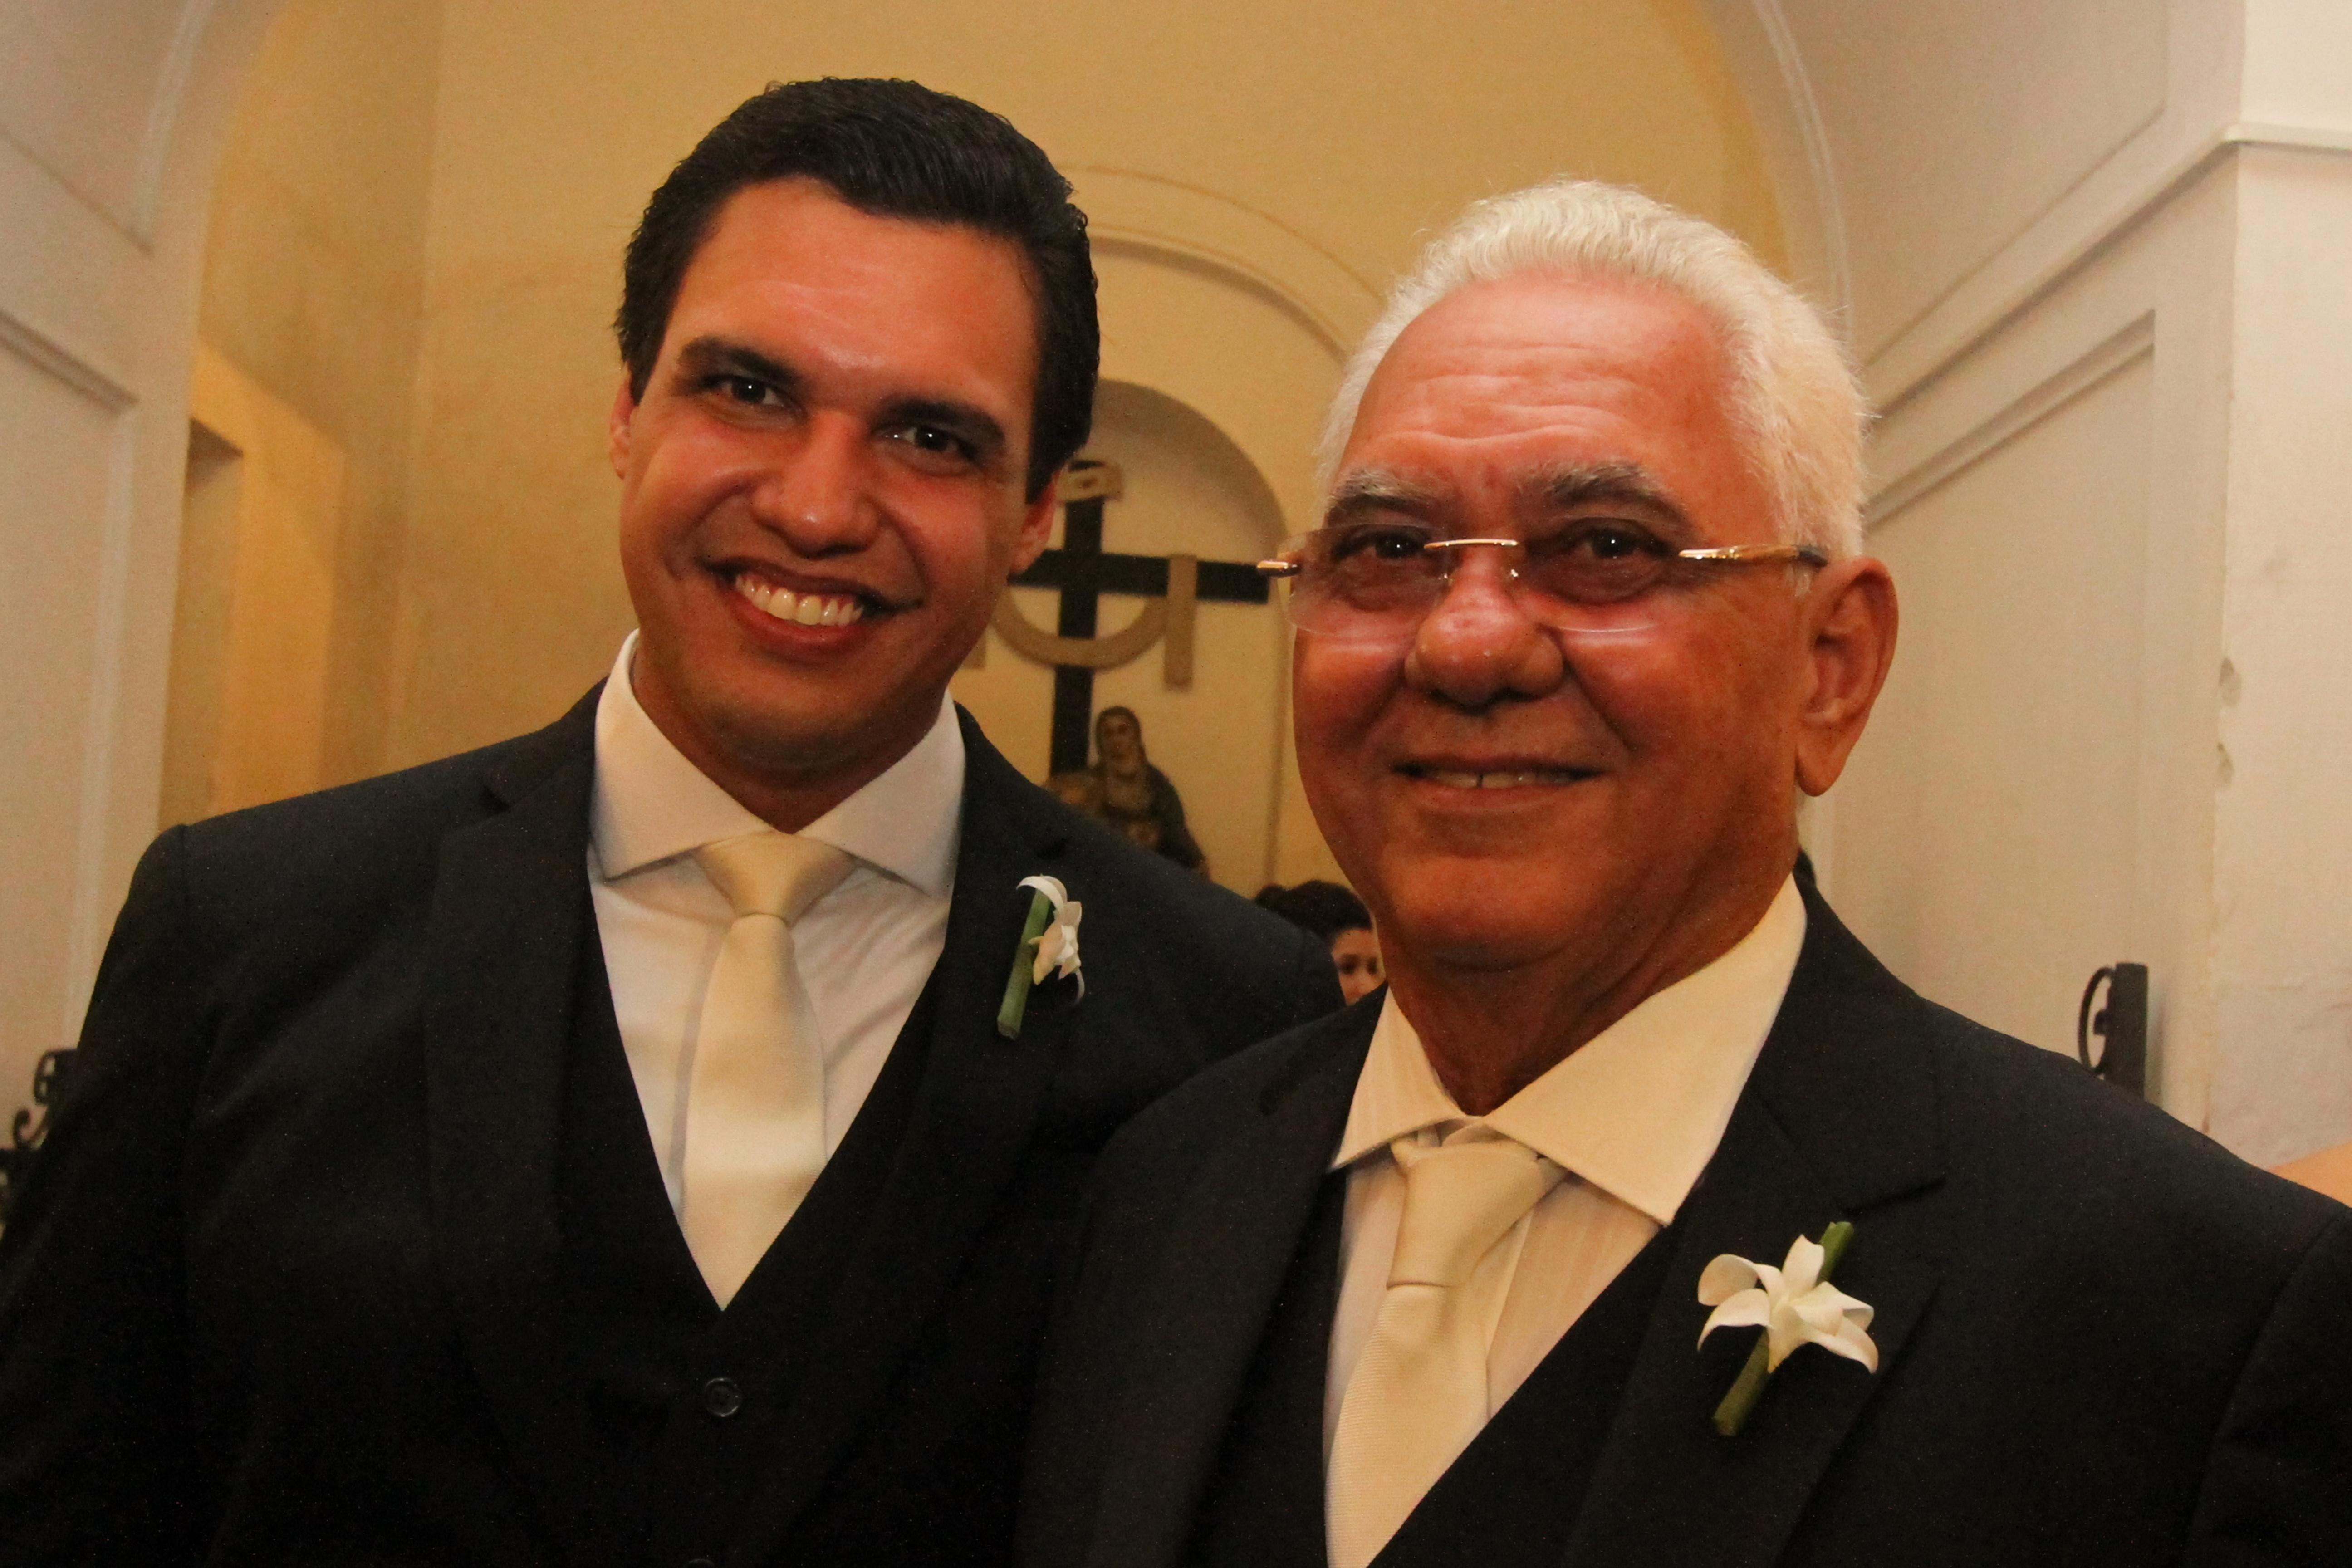 Marcos Travassos Filho e Marcus Travassos